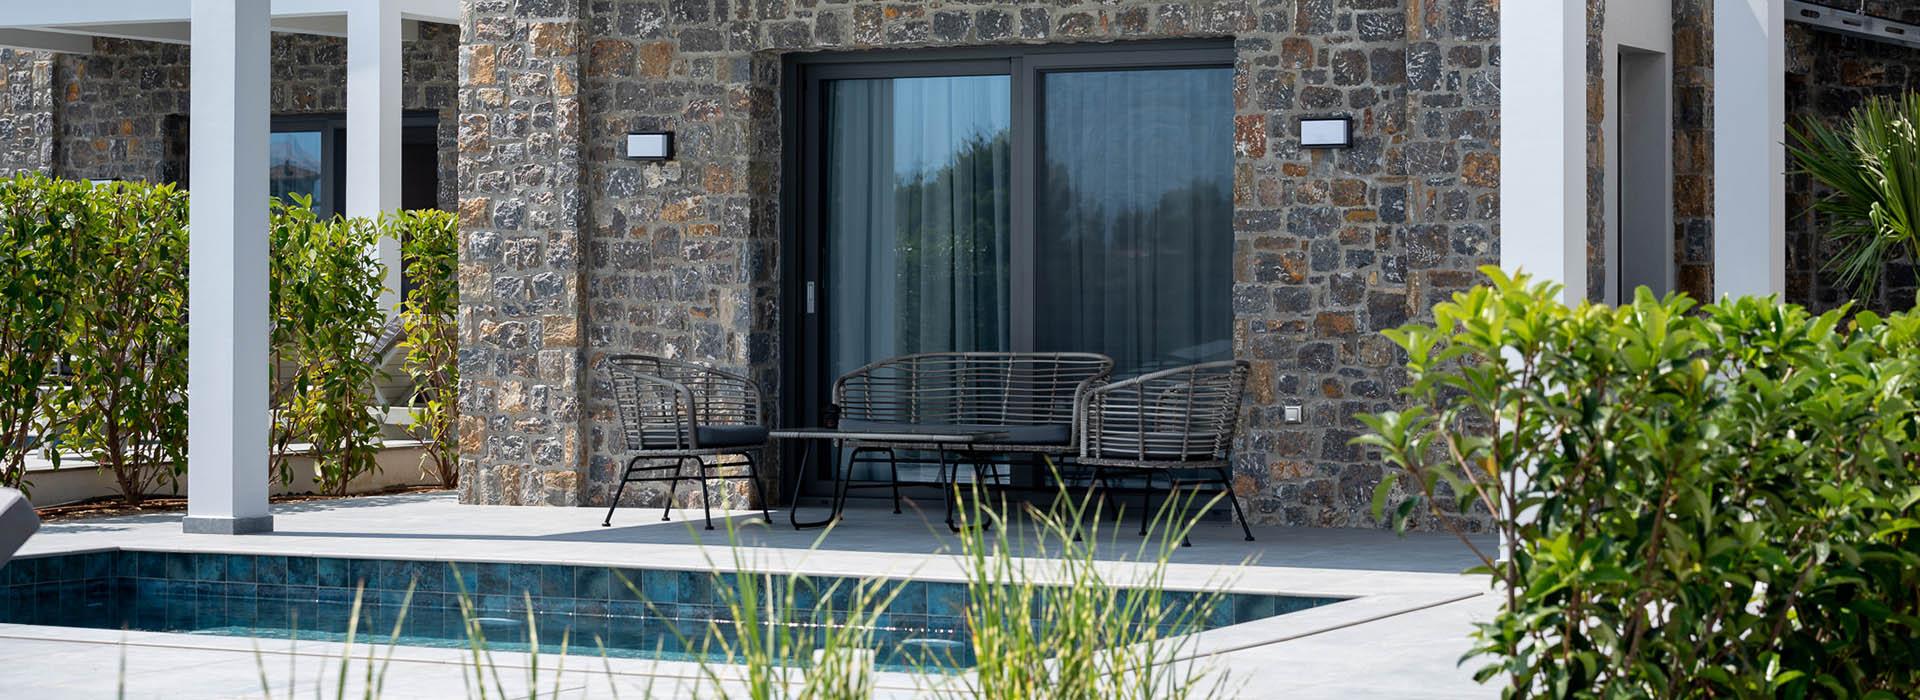 βιλες με ιδιωτικη πισινα χαλκιδικη - Terra Olivia Luxury Villas & Suites